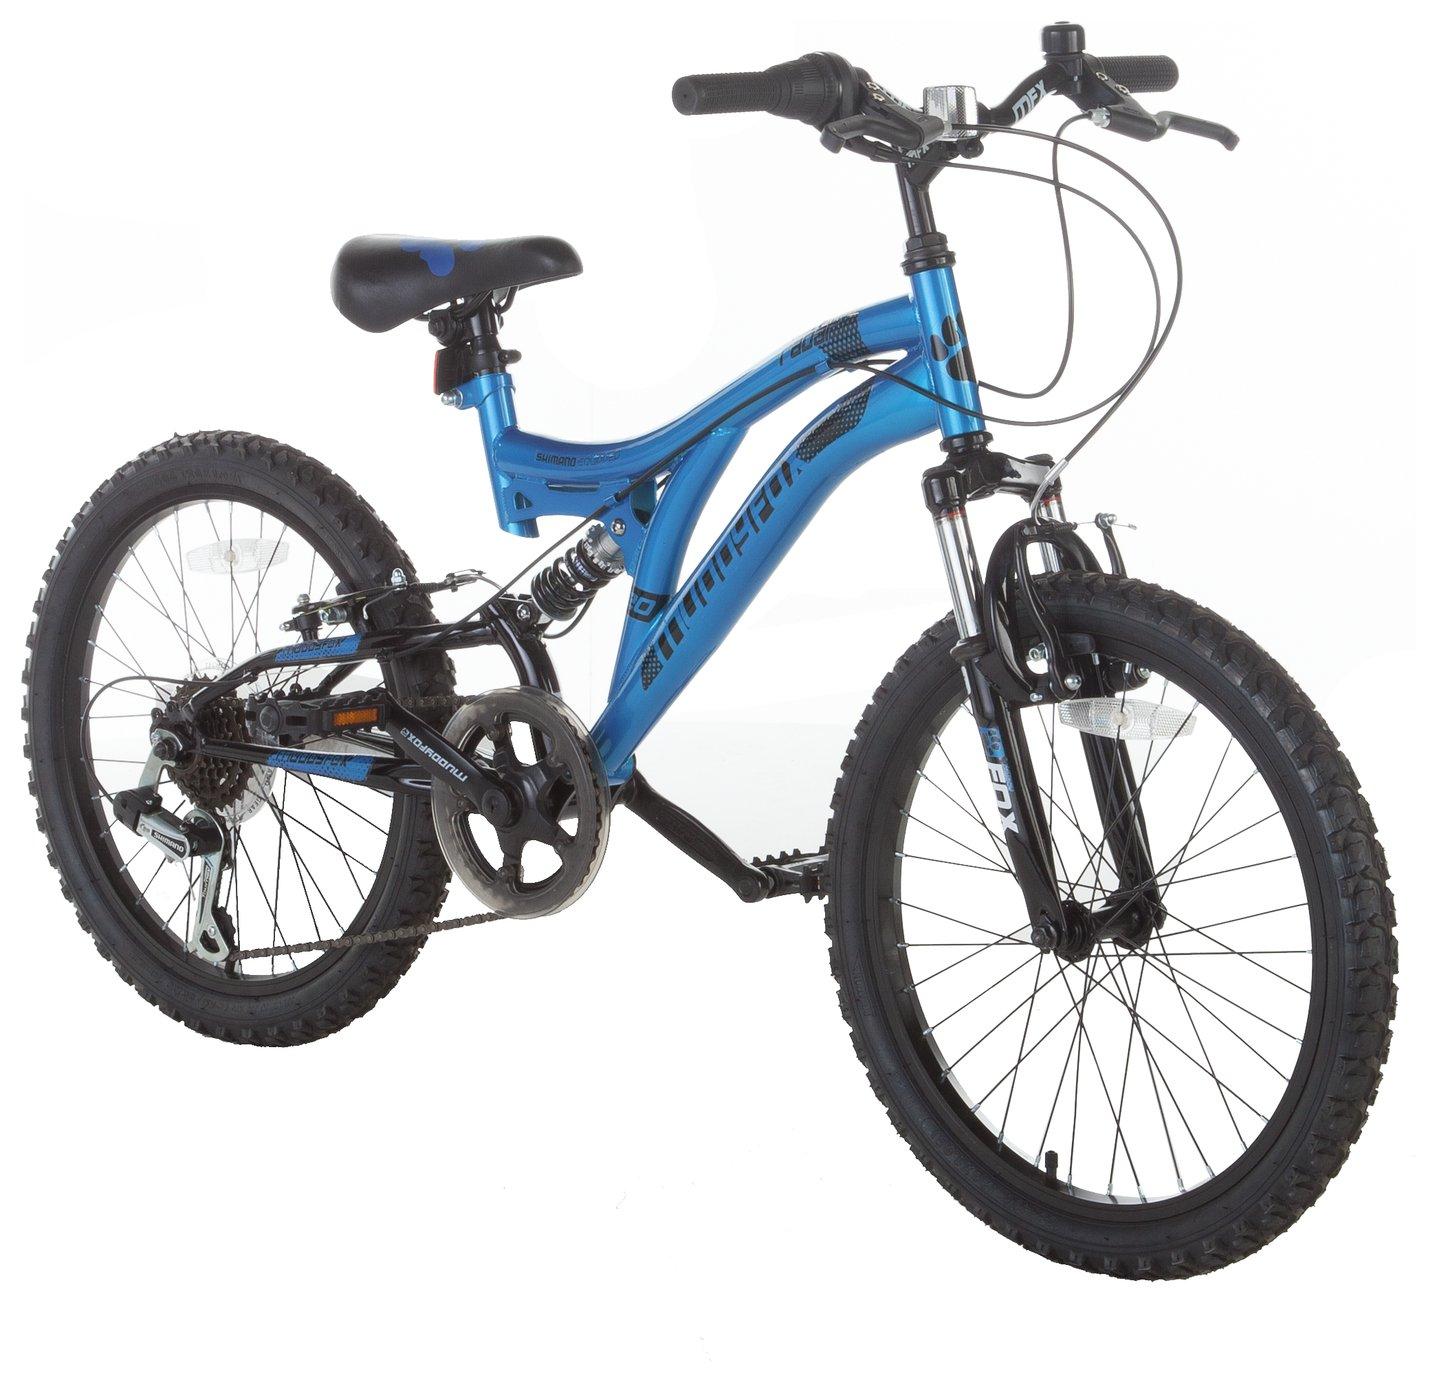 Muddyfox Radar 20 Inch Dual Suspension Bike